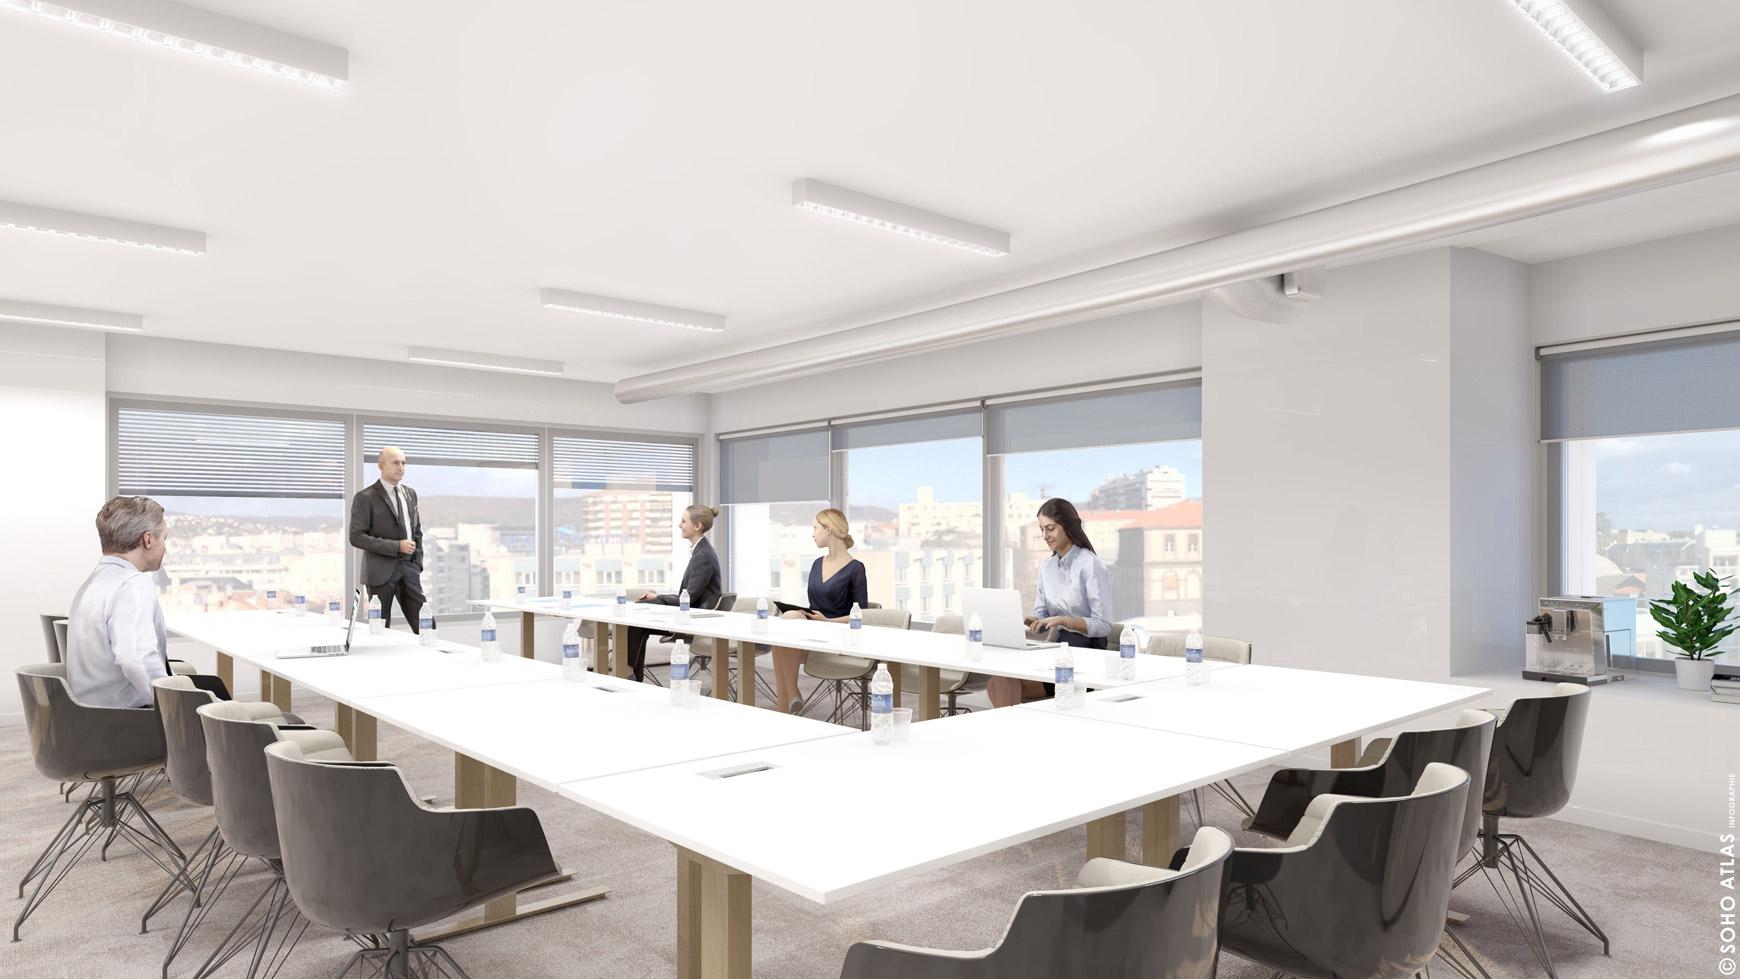 Réhabilitation lourde du siège sociale du Crédit Agricole Centre France à Clermont-Ferrand, labélisé BREEAM EXCELLENT, réalisé par le pôle Tertiaire de l'agence d'architecture SOHO ATLAS IN FINE LYON. Perspective, vue intérieure d'une salle de réunion.